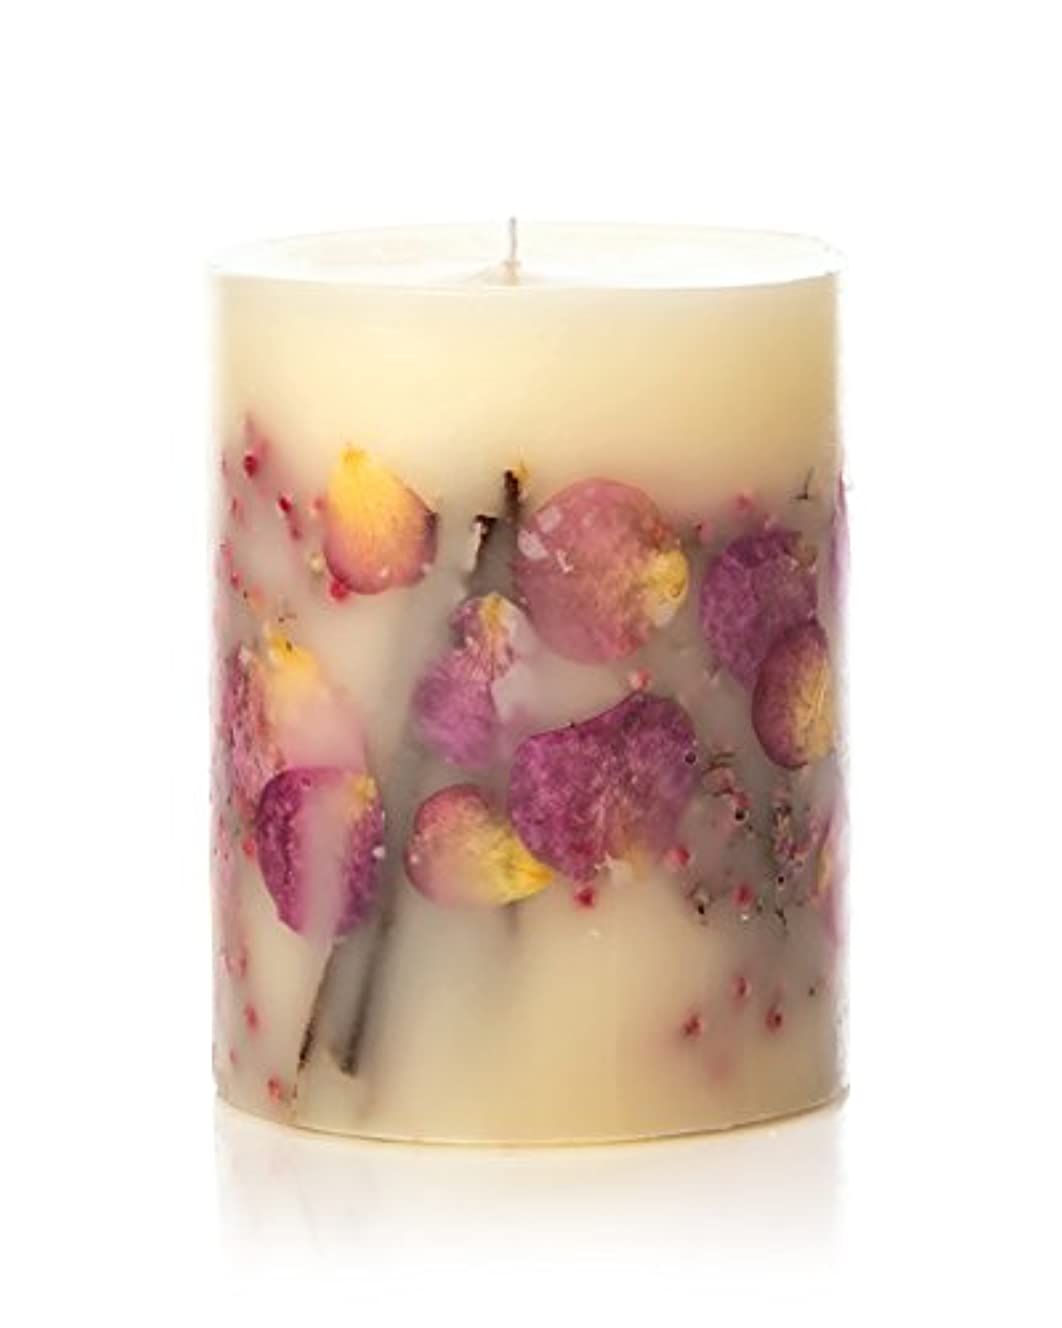 熱望するアドバンテージキャプチャーロージーリングス ボタニカルキャンドル ビッグラウンド アプリコット&ローズ ROSY RINGS Round Botanical Candle Big Round – Apricot Rose